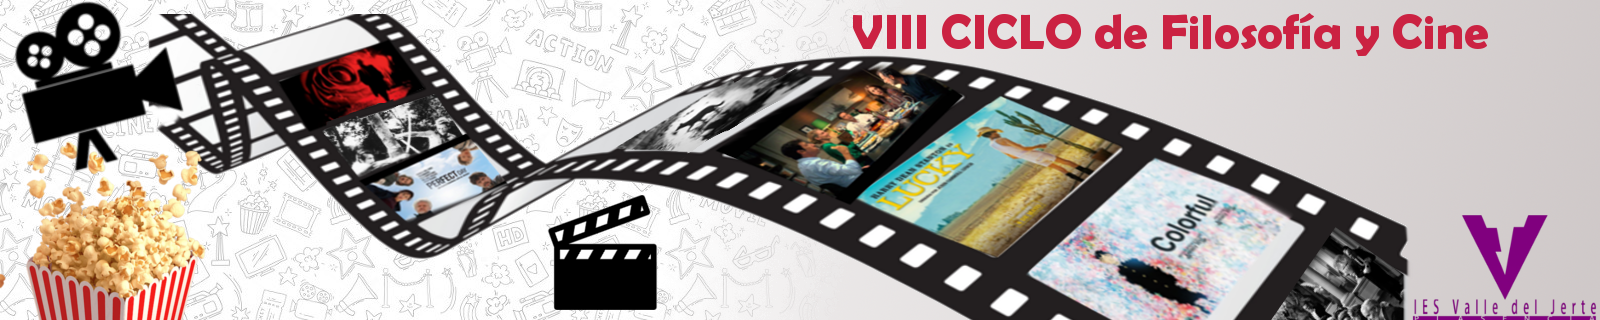 VIII Ciclo de Filosofía y Cine para el curso 2018-2019